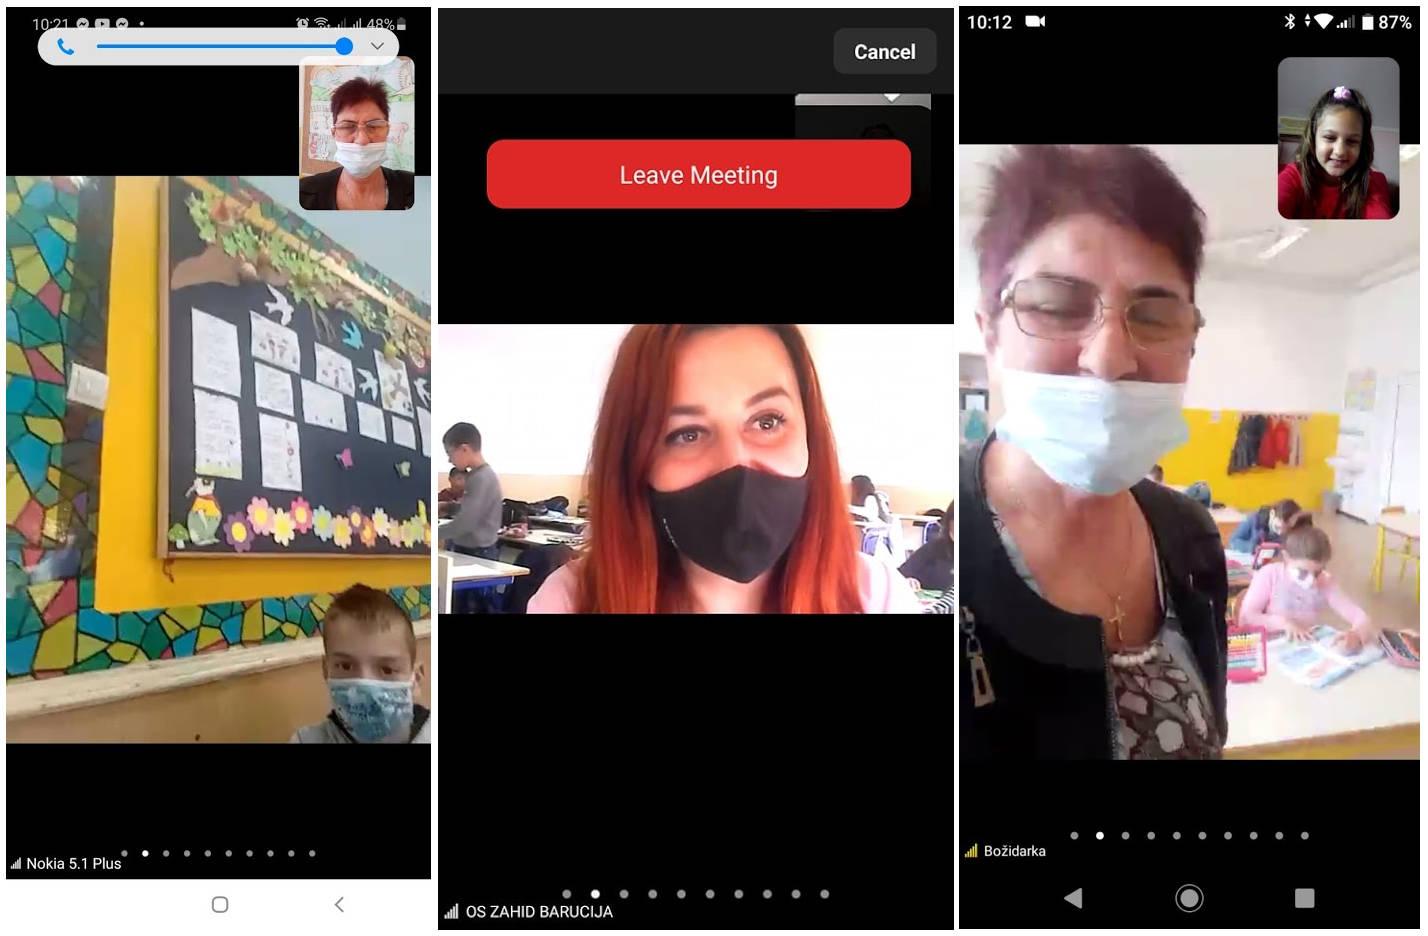 Бирај речи - хејт спречи - пројекат Чаробна интеркултурална мрежа пријатељства